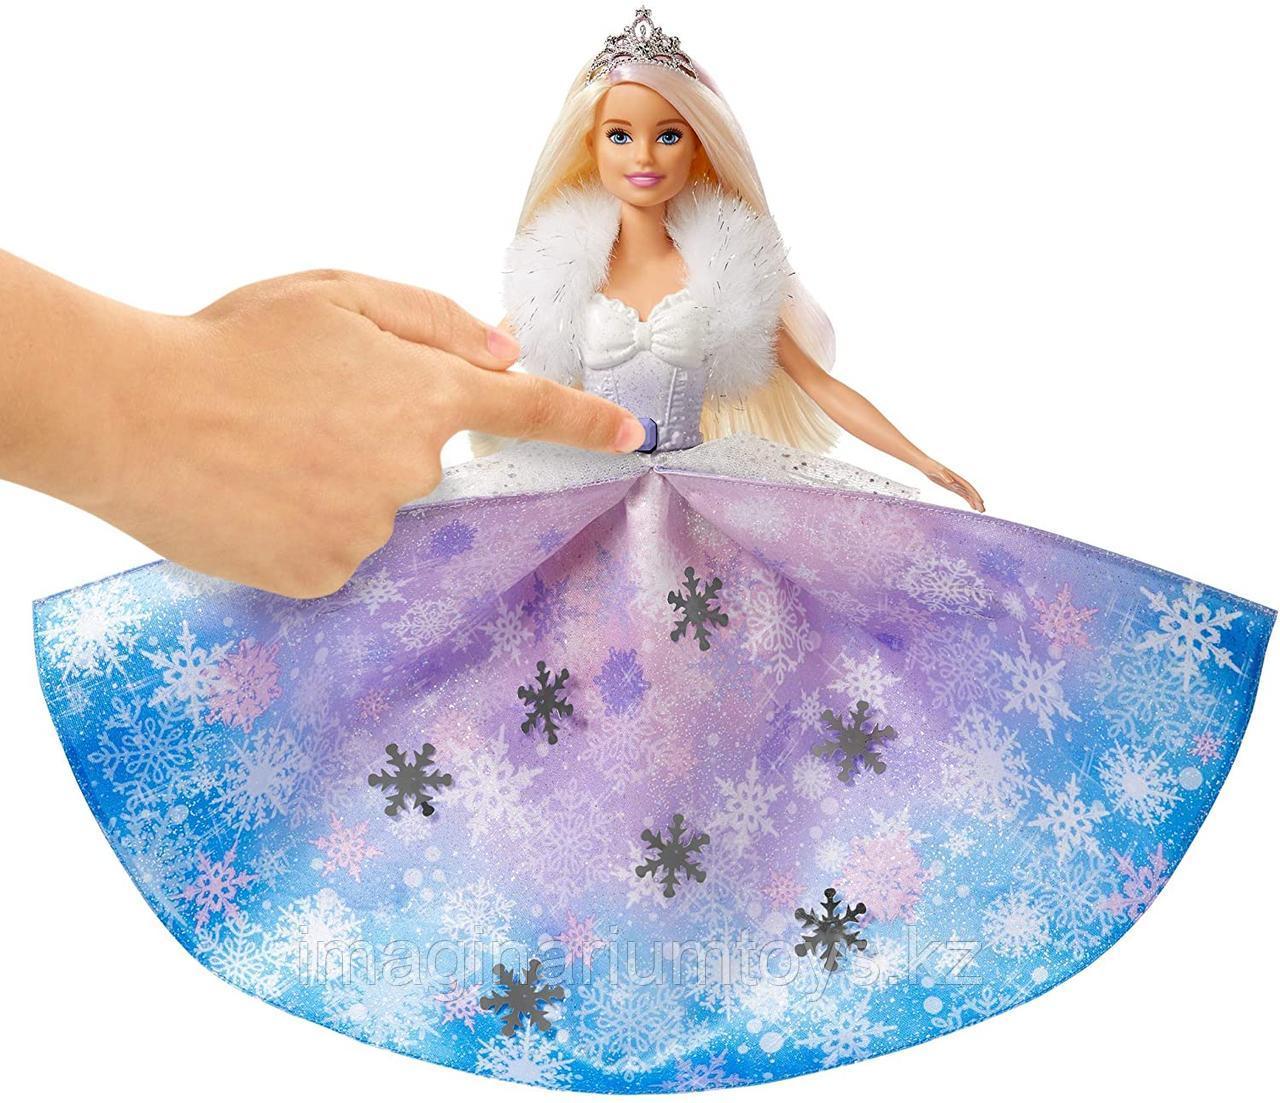 Кукла Barbie Снежная принцесса Dreamtopia - фото 4